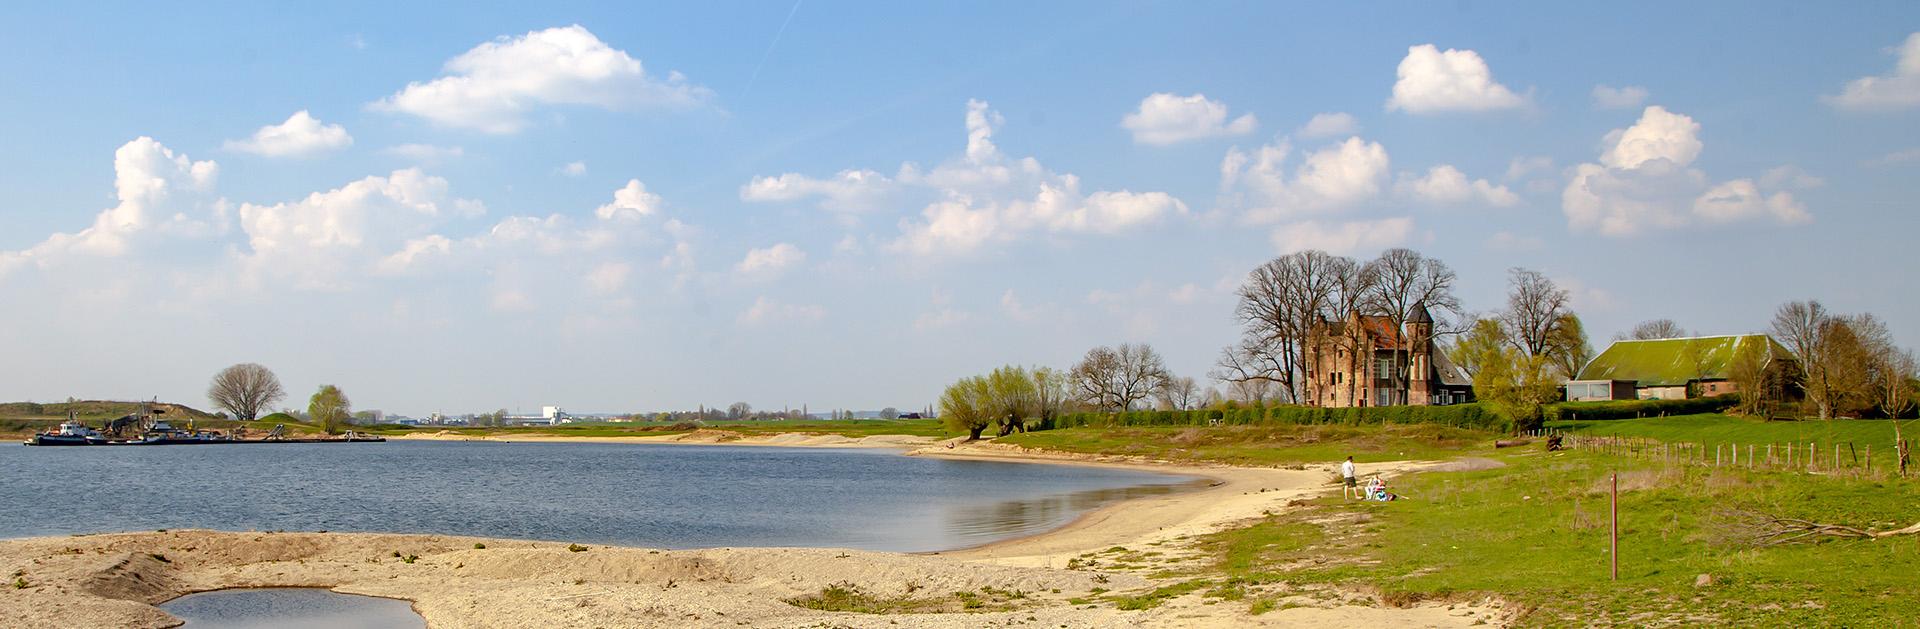 Huis Loowaard - Loo Regio Achterhoek - Liemers